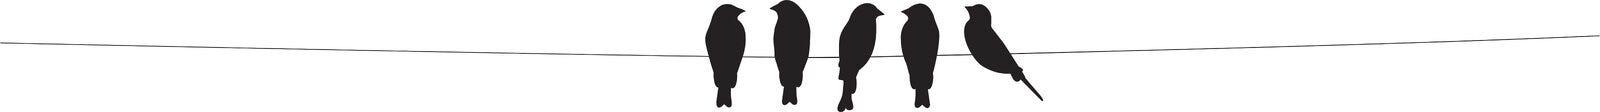 Vogels op draadvector, Vogelssilhouetten die op witte achtergrond worden geïsoleerd Muurdecor, Muuroverdrukplaatjes, Art Decor, A stock illustratie